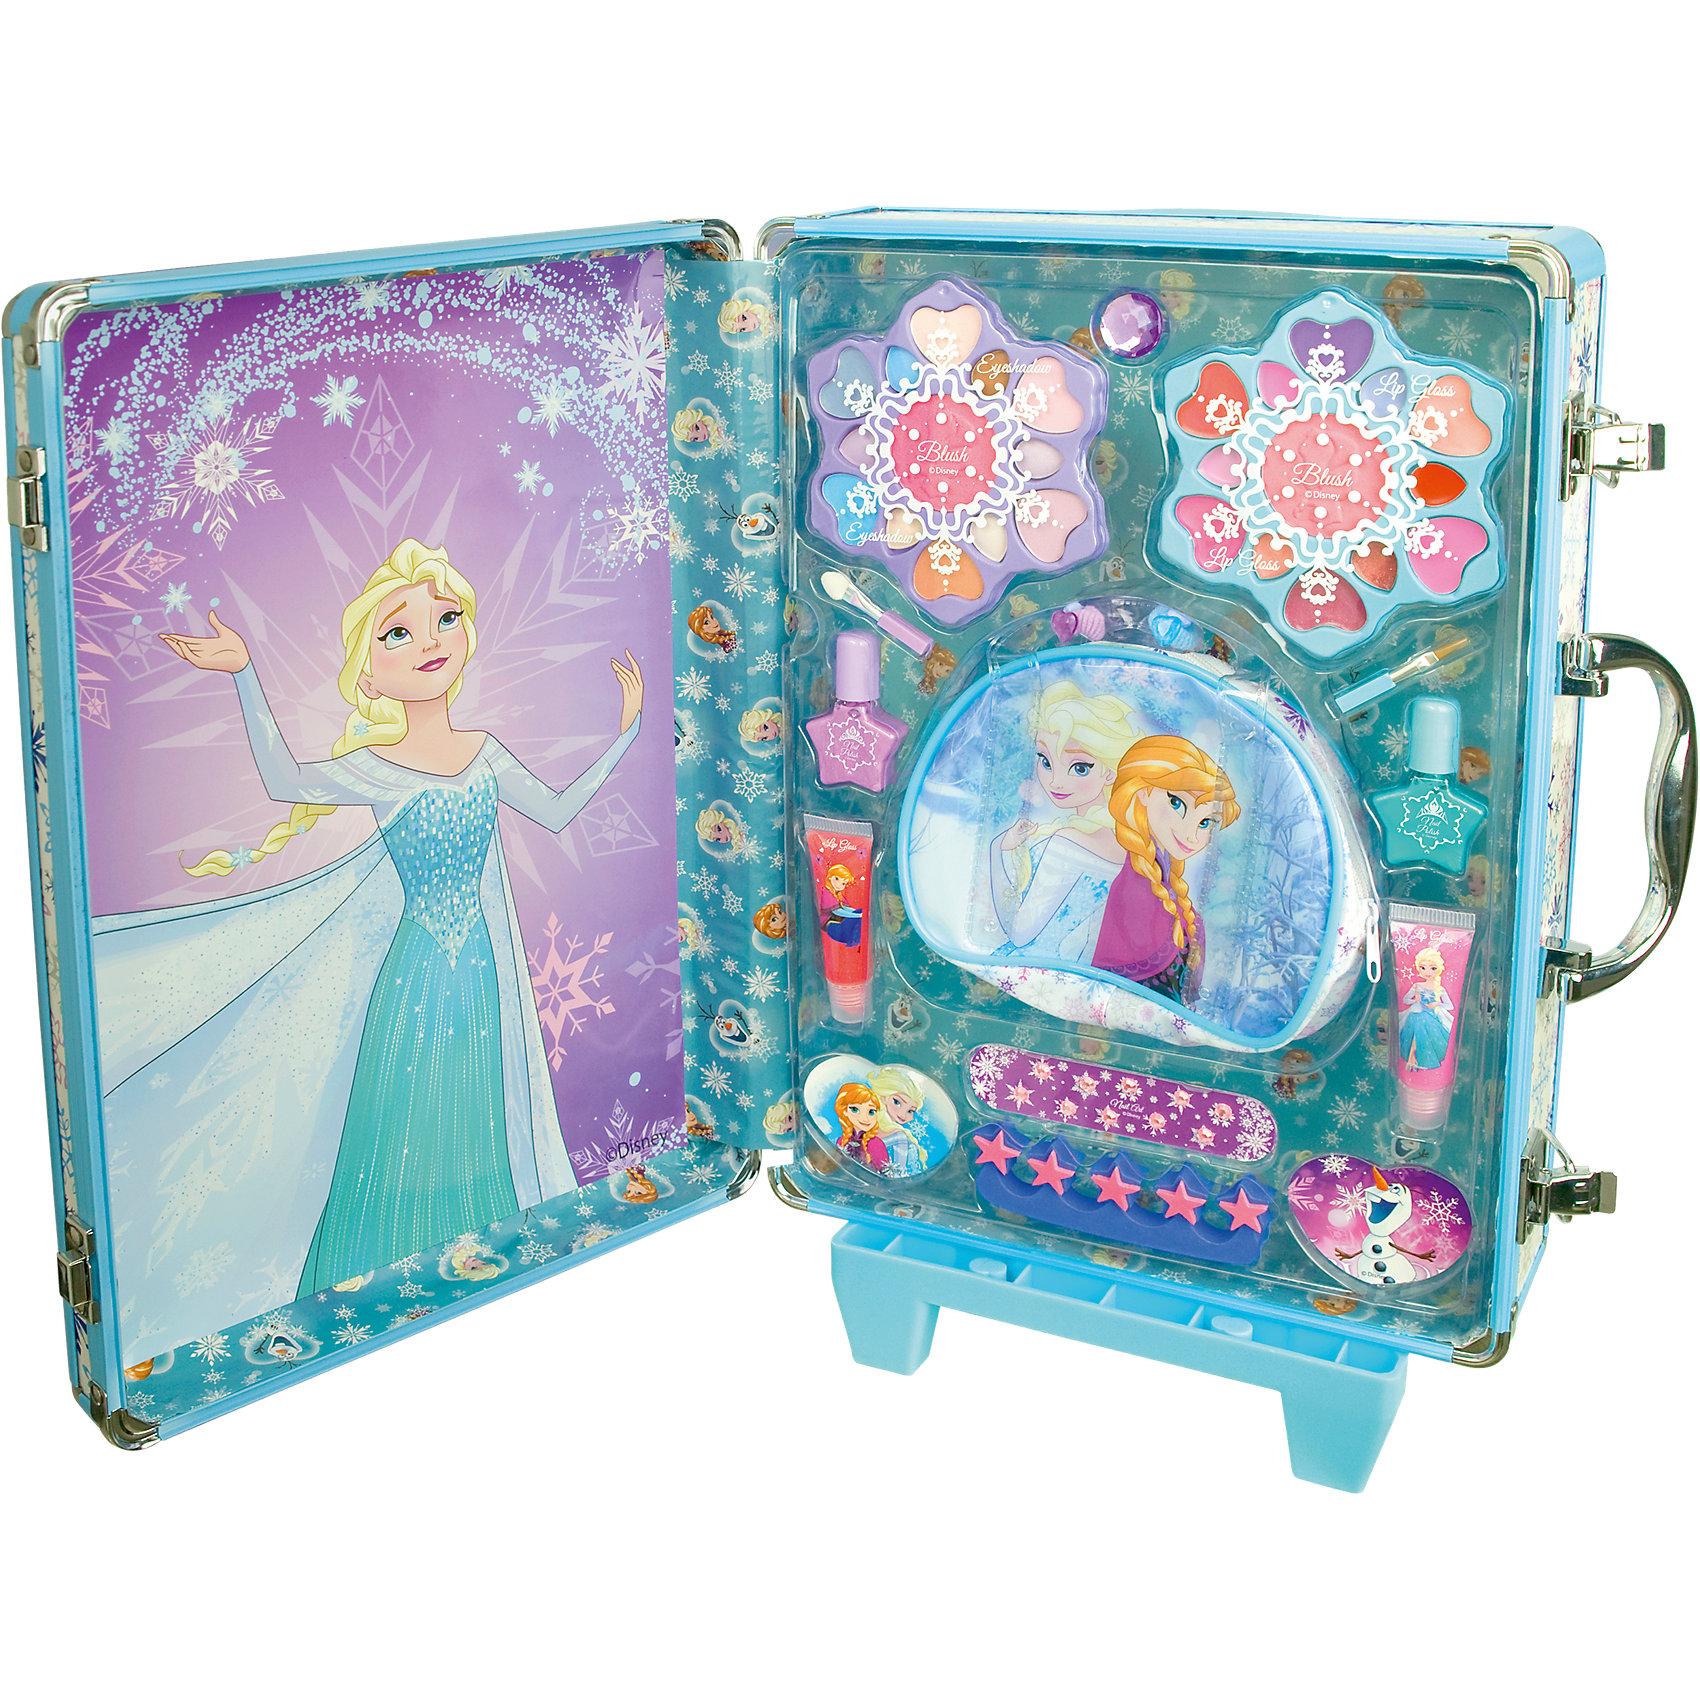 Игровой набор детской декоративной косметики в дорожном чемодане, Холодное сердце